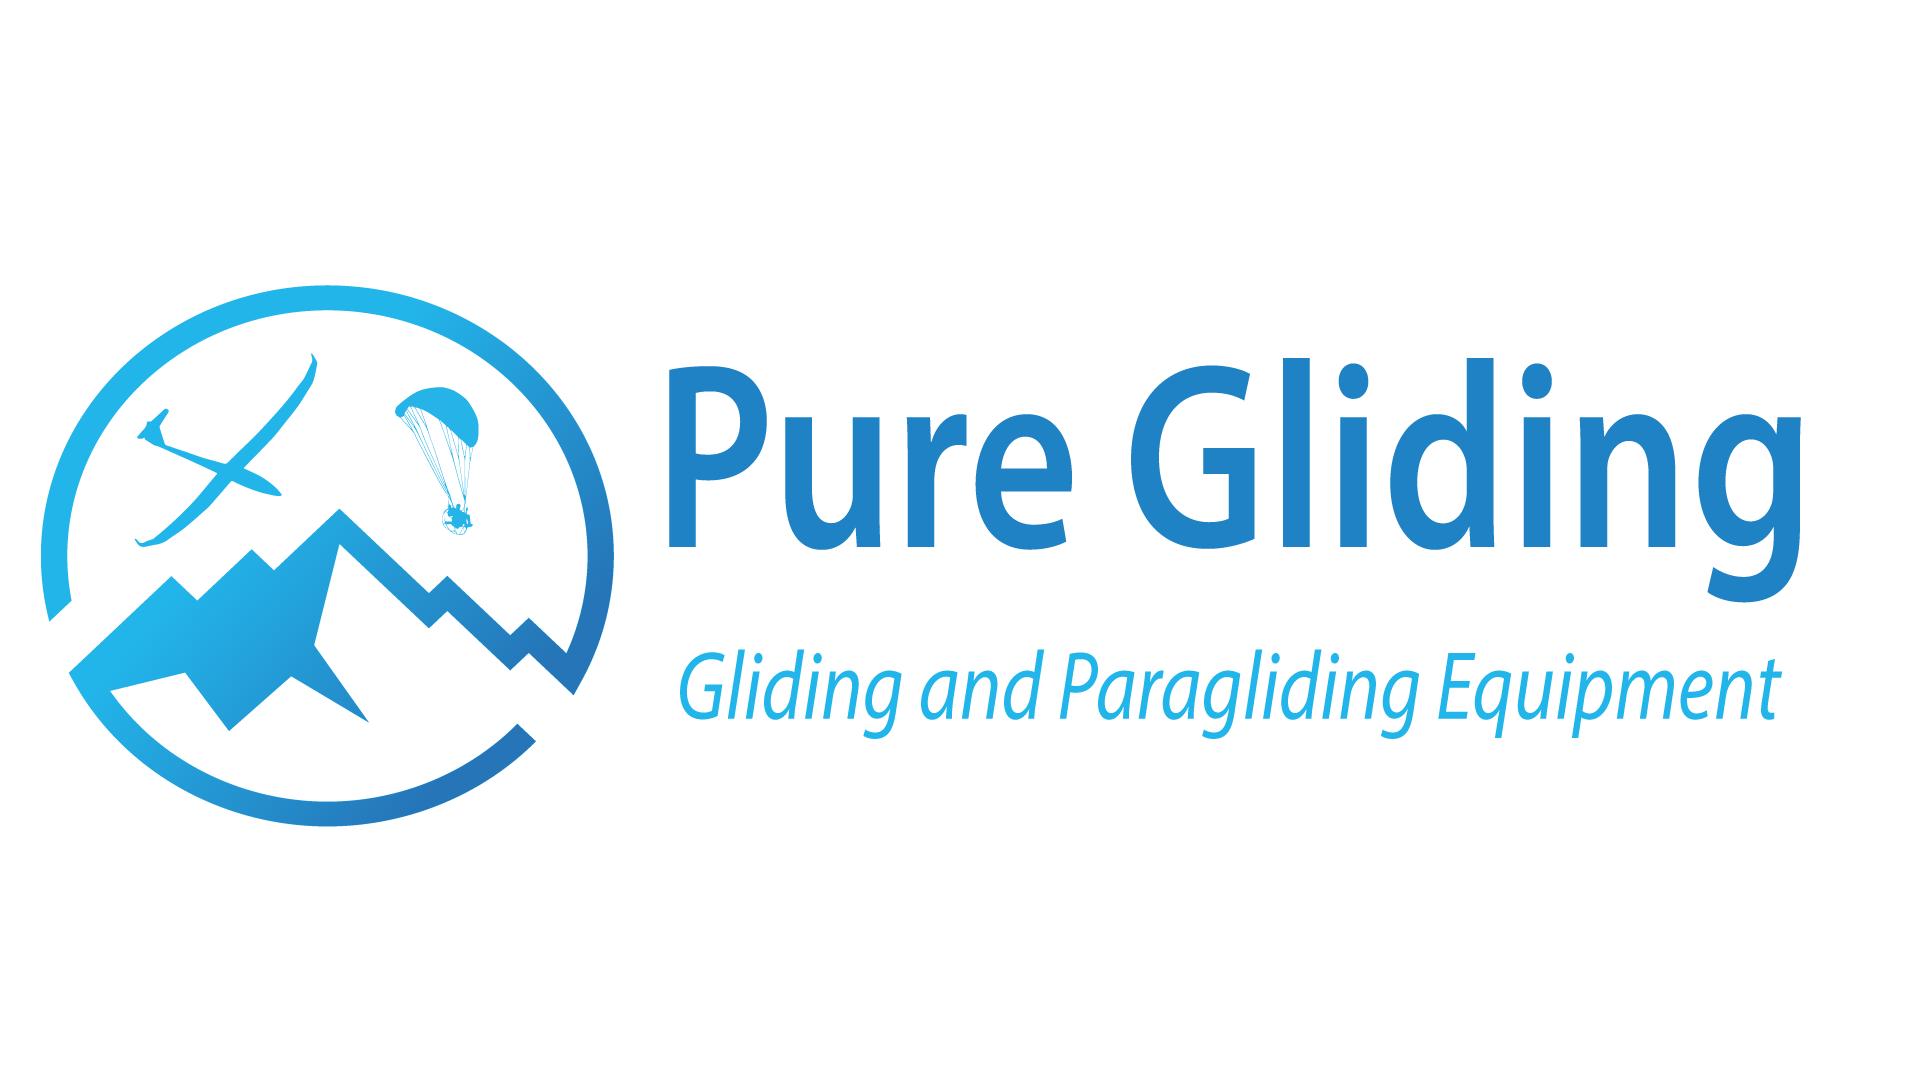 Pure Gliding